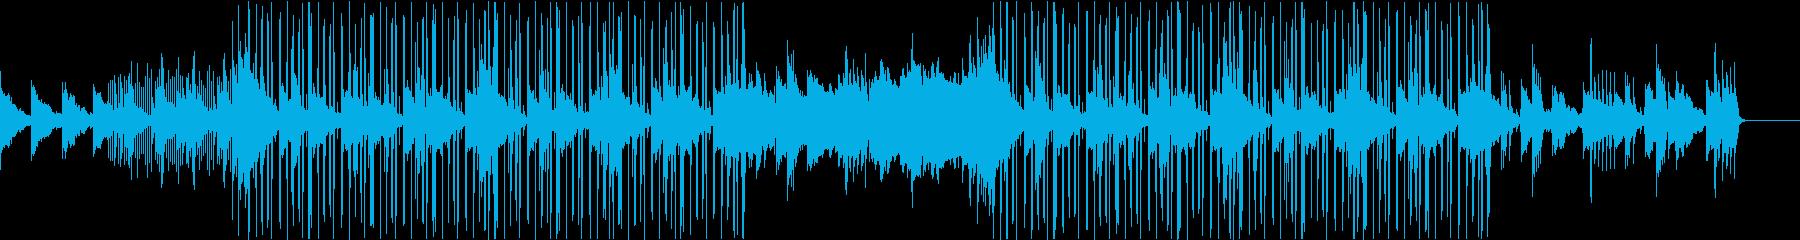 おしゃれなLofiHiphopの再生済みの波形